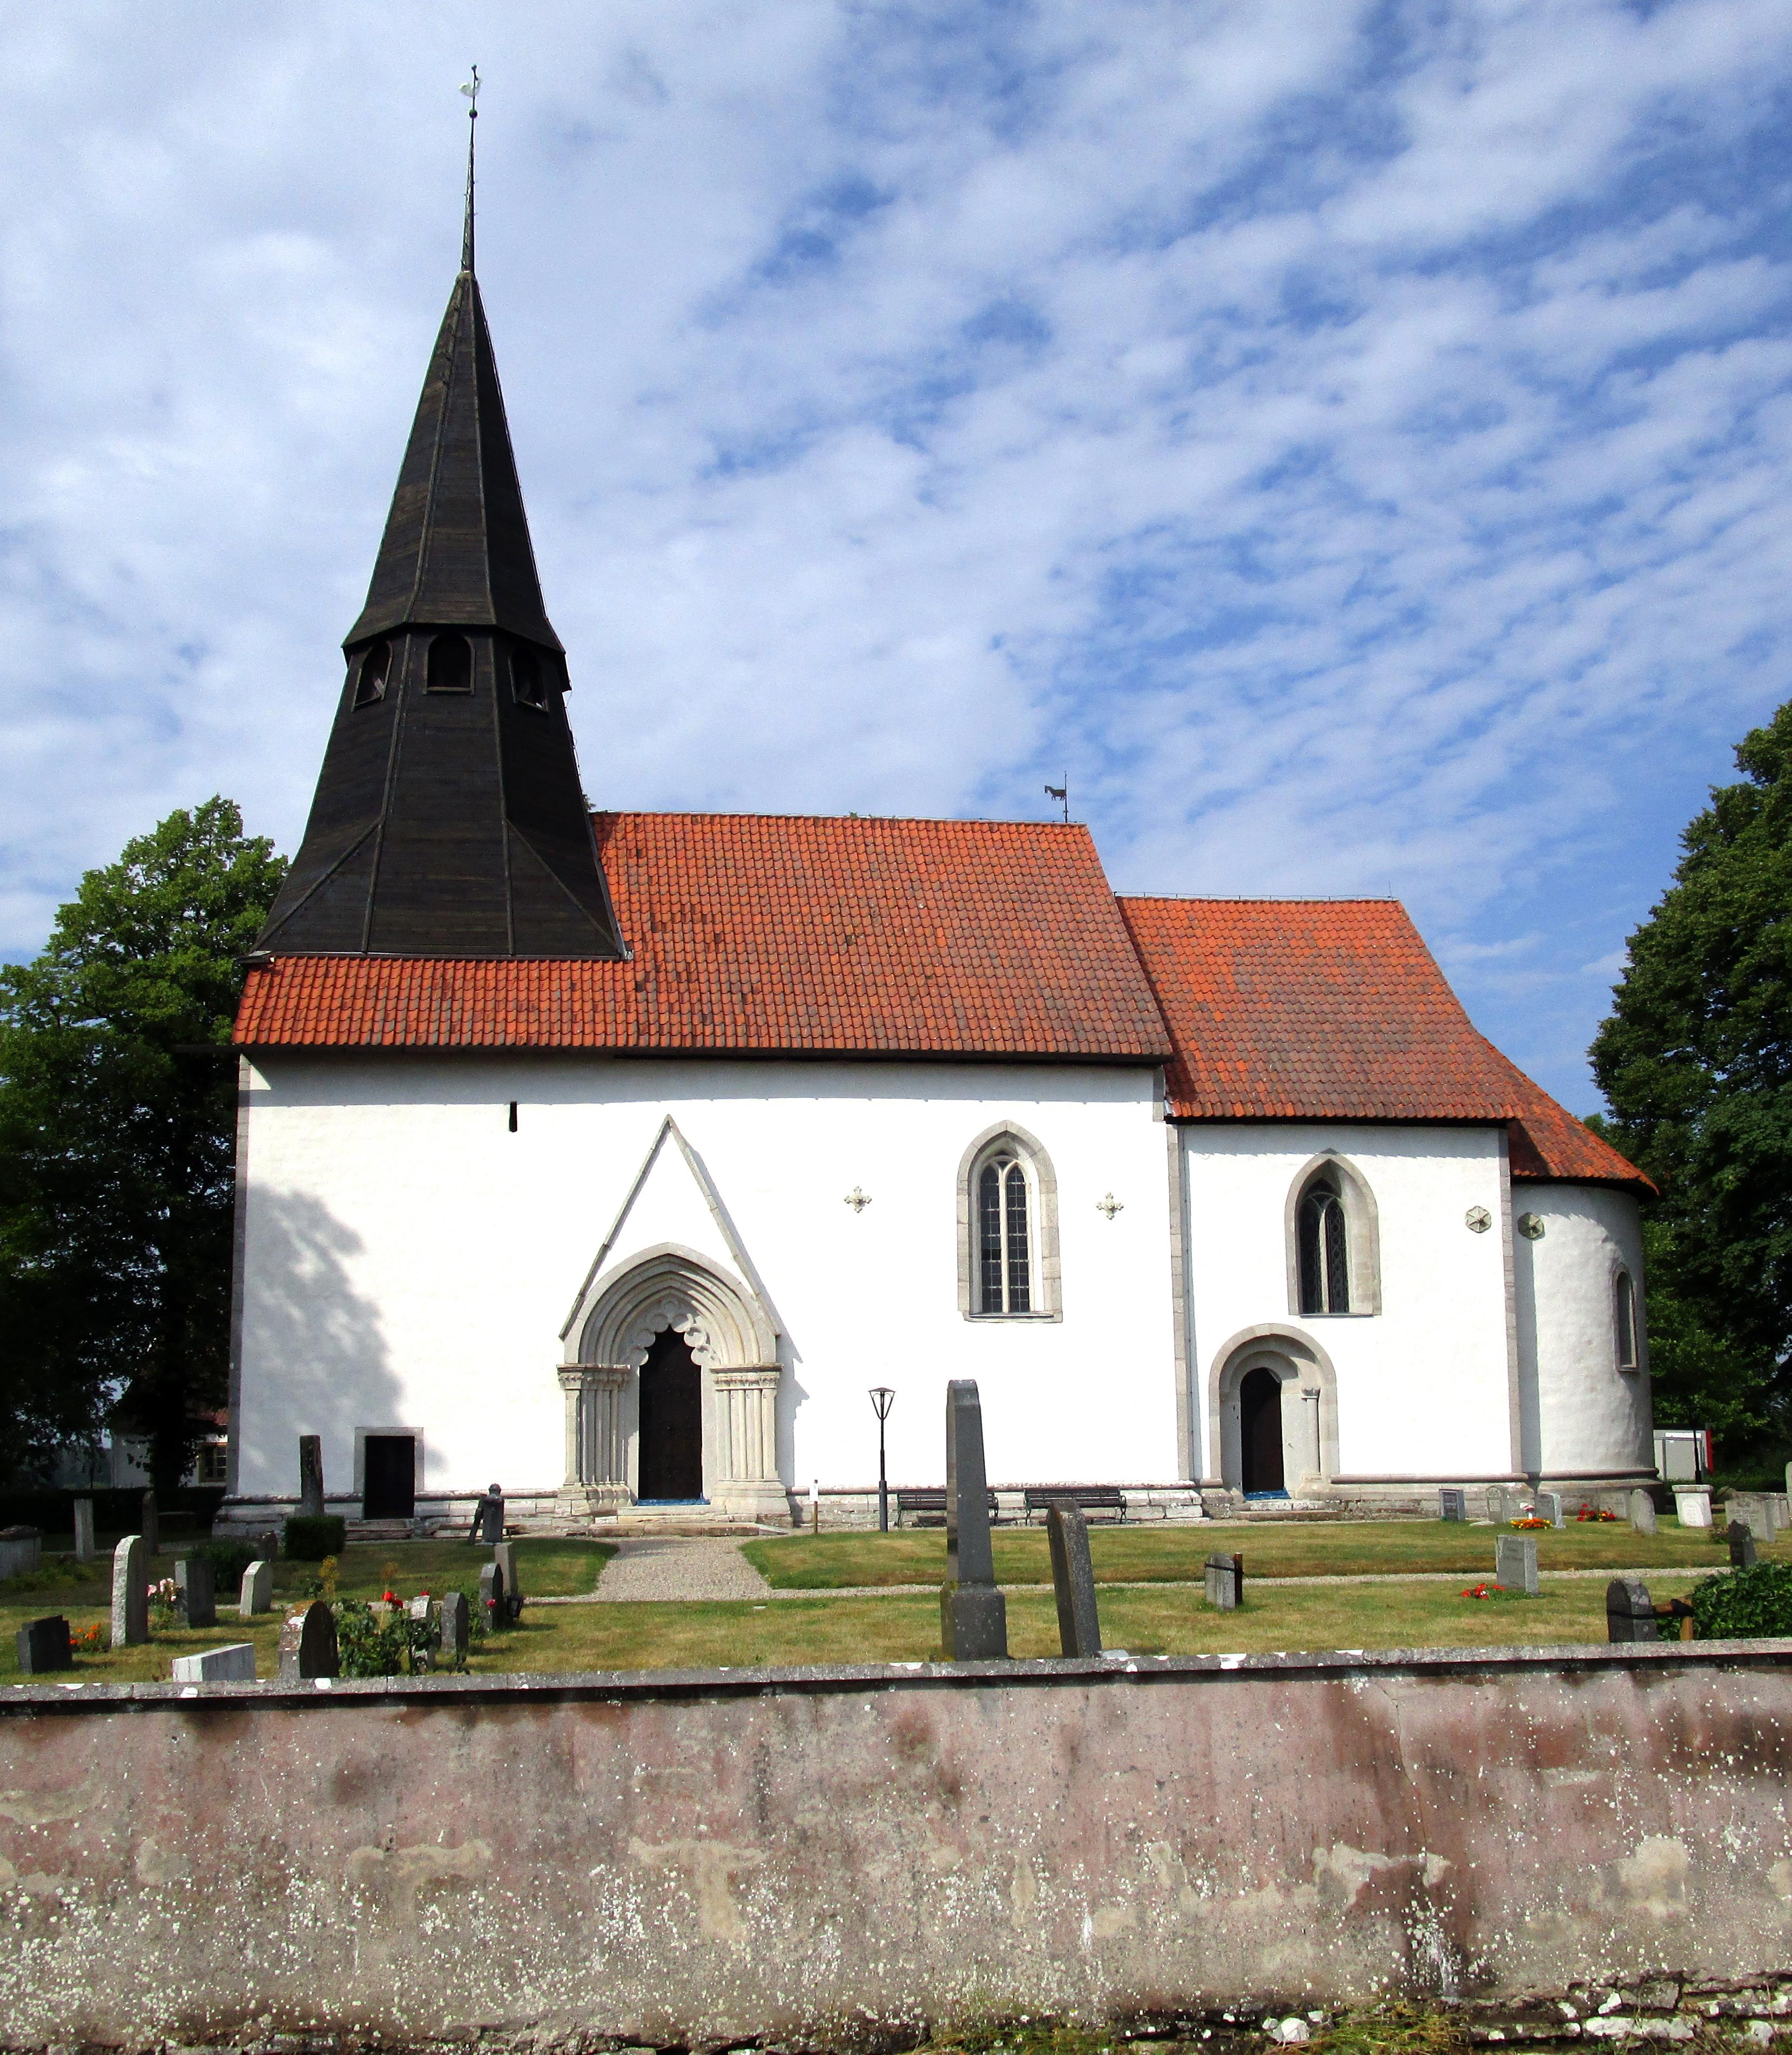 Bild av Atlingbo kyrka